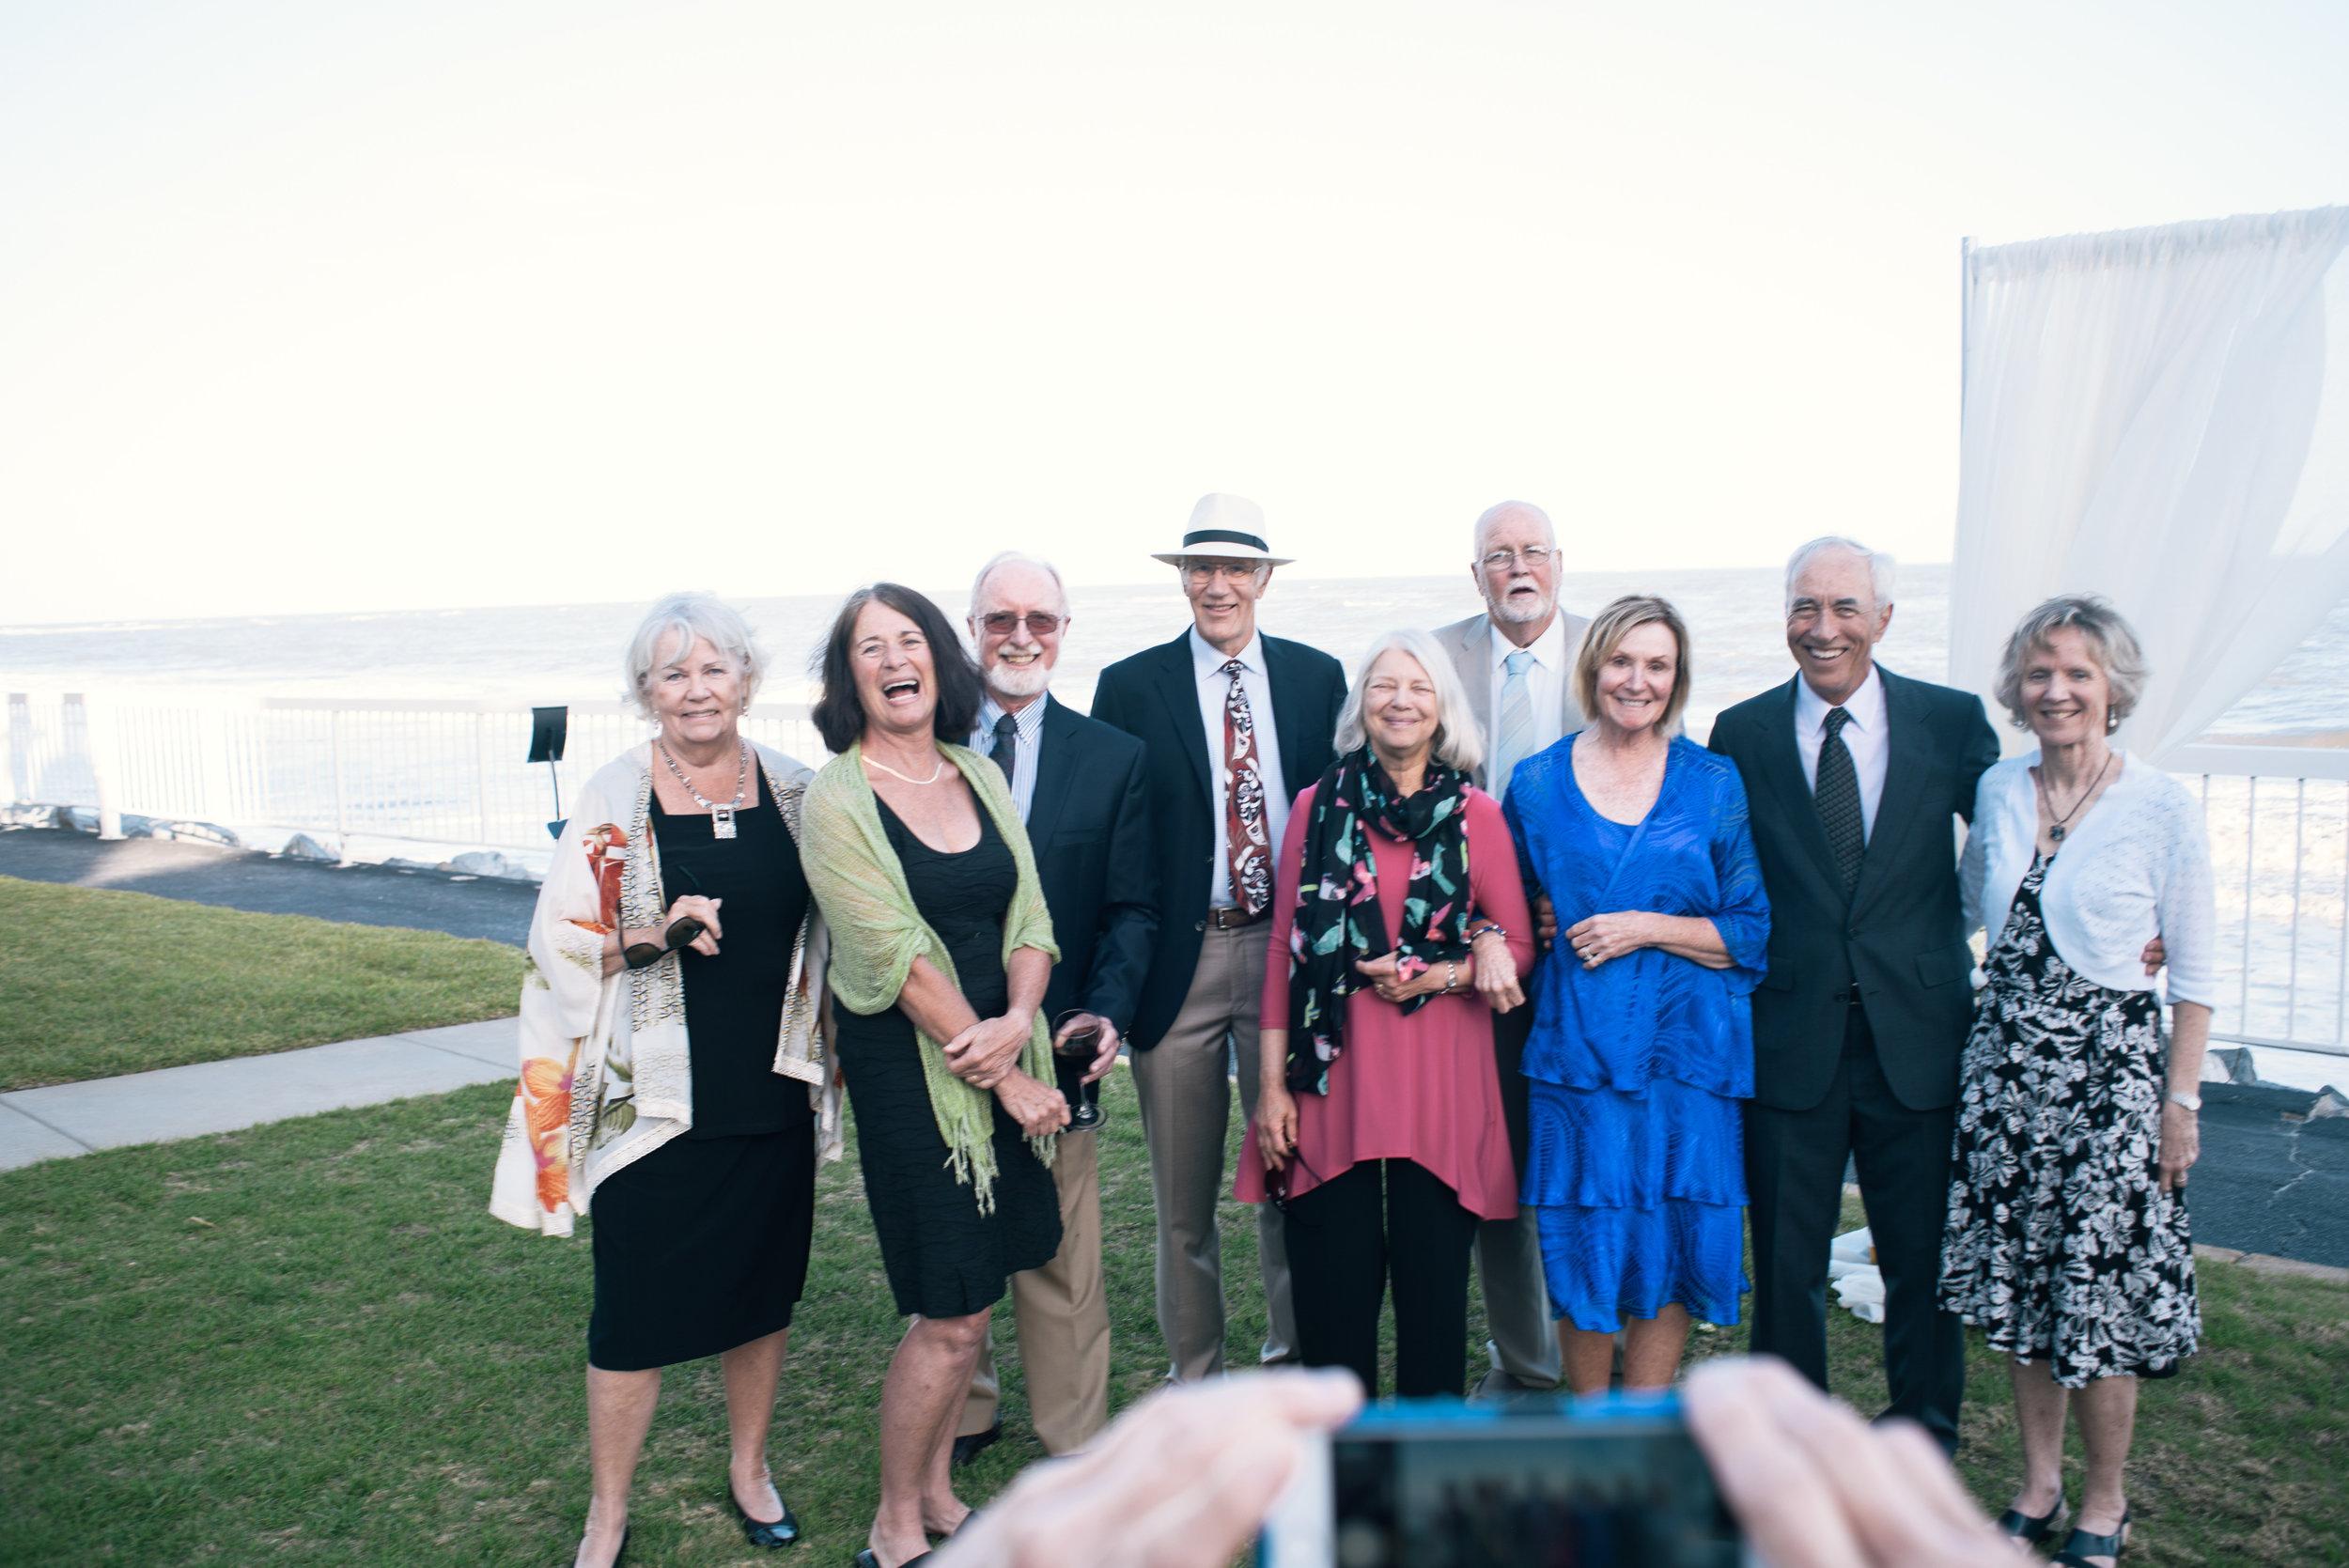 st-simons-island-elopement-photographer-savannah-elopement-photography-savannah-georgia-elopement-photographer-savannah-wedding-photographer-meg-hill-photo-jade-hill- (52 of 72).jpg